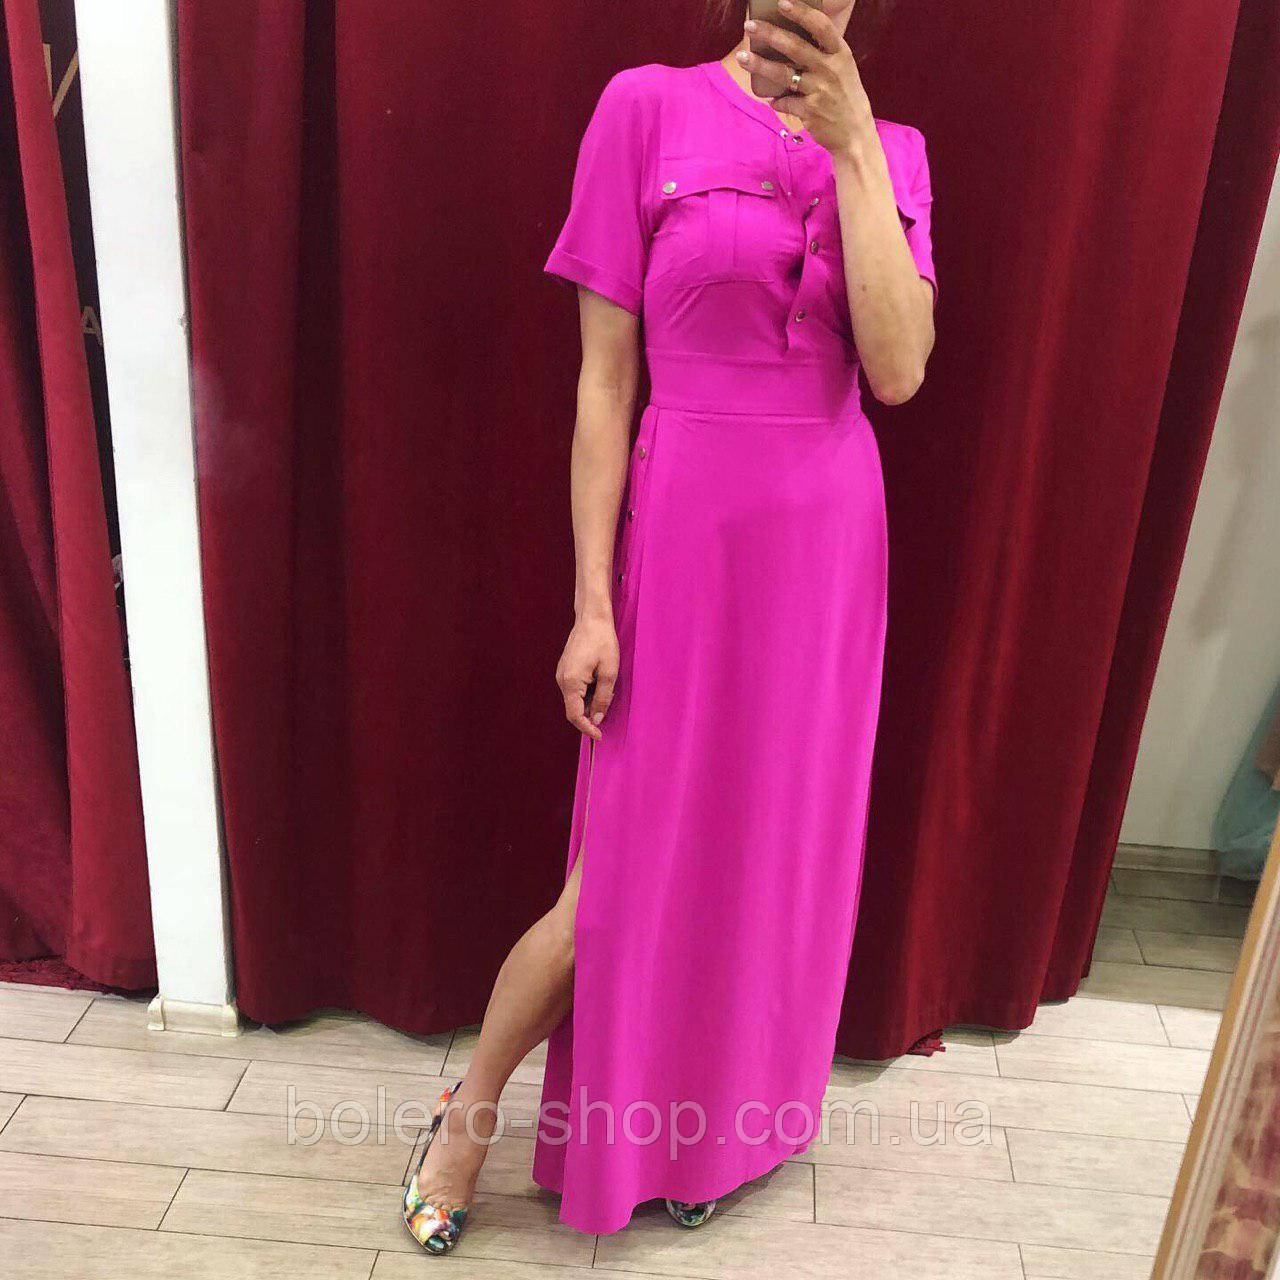 Женское платье  розовое  макси Италия